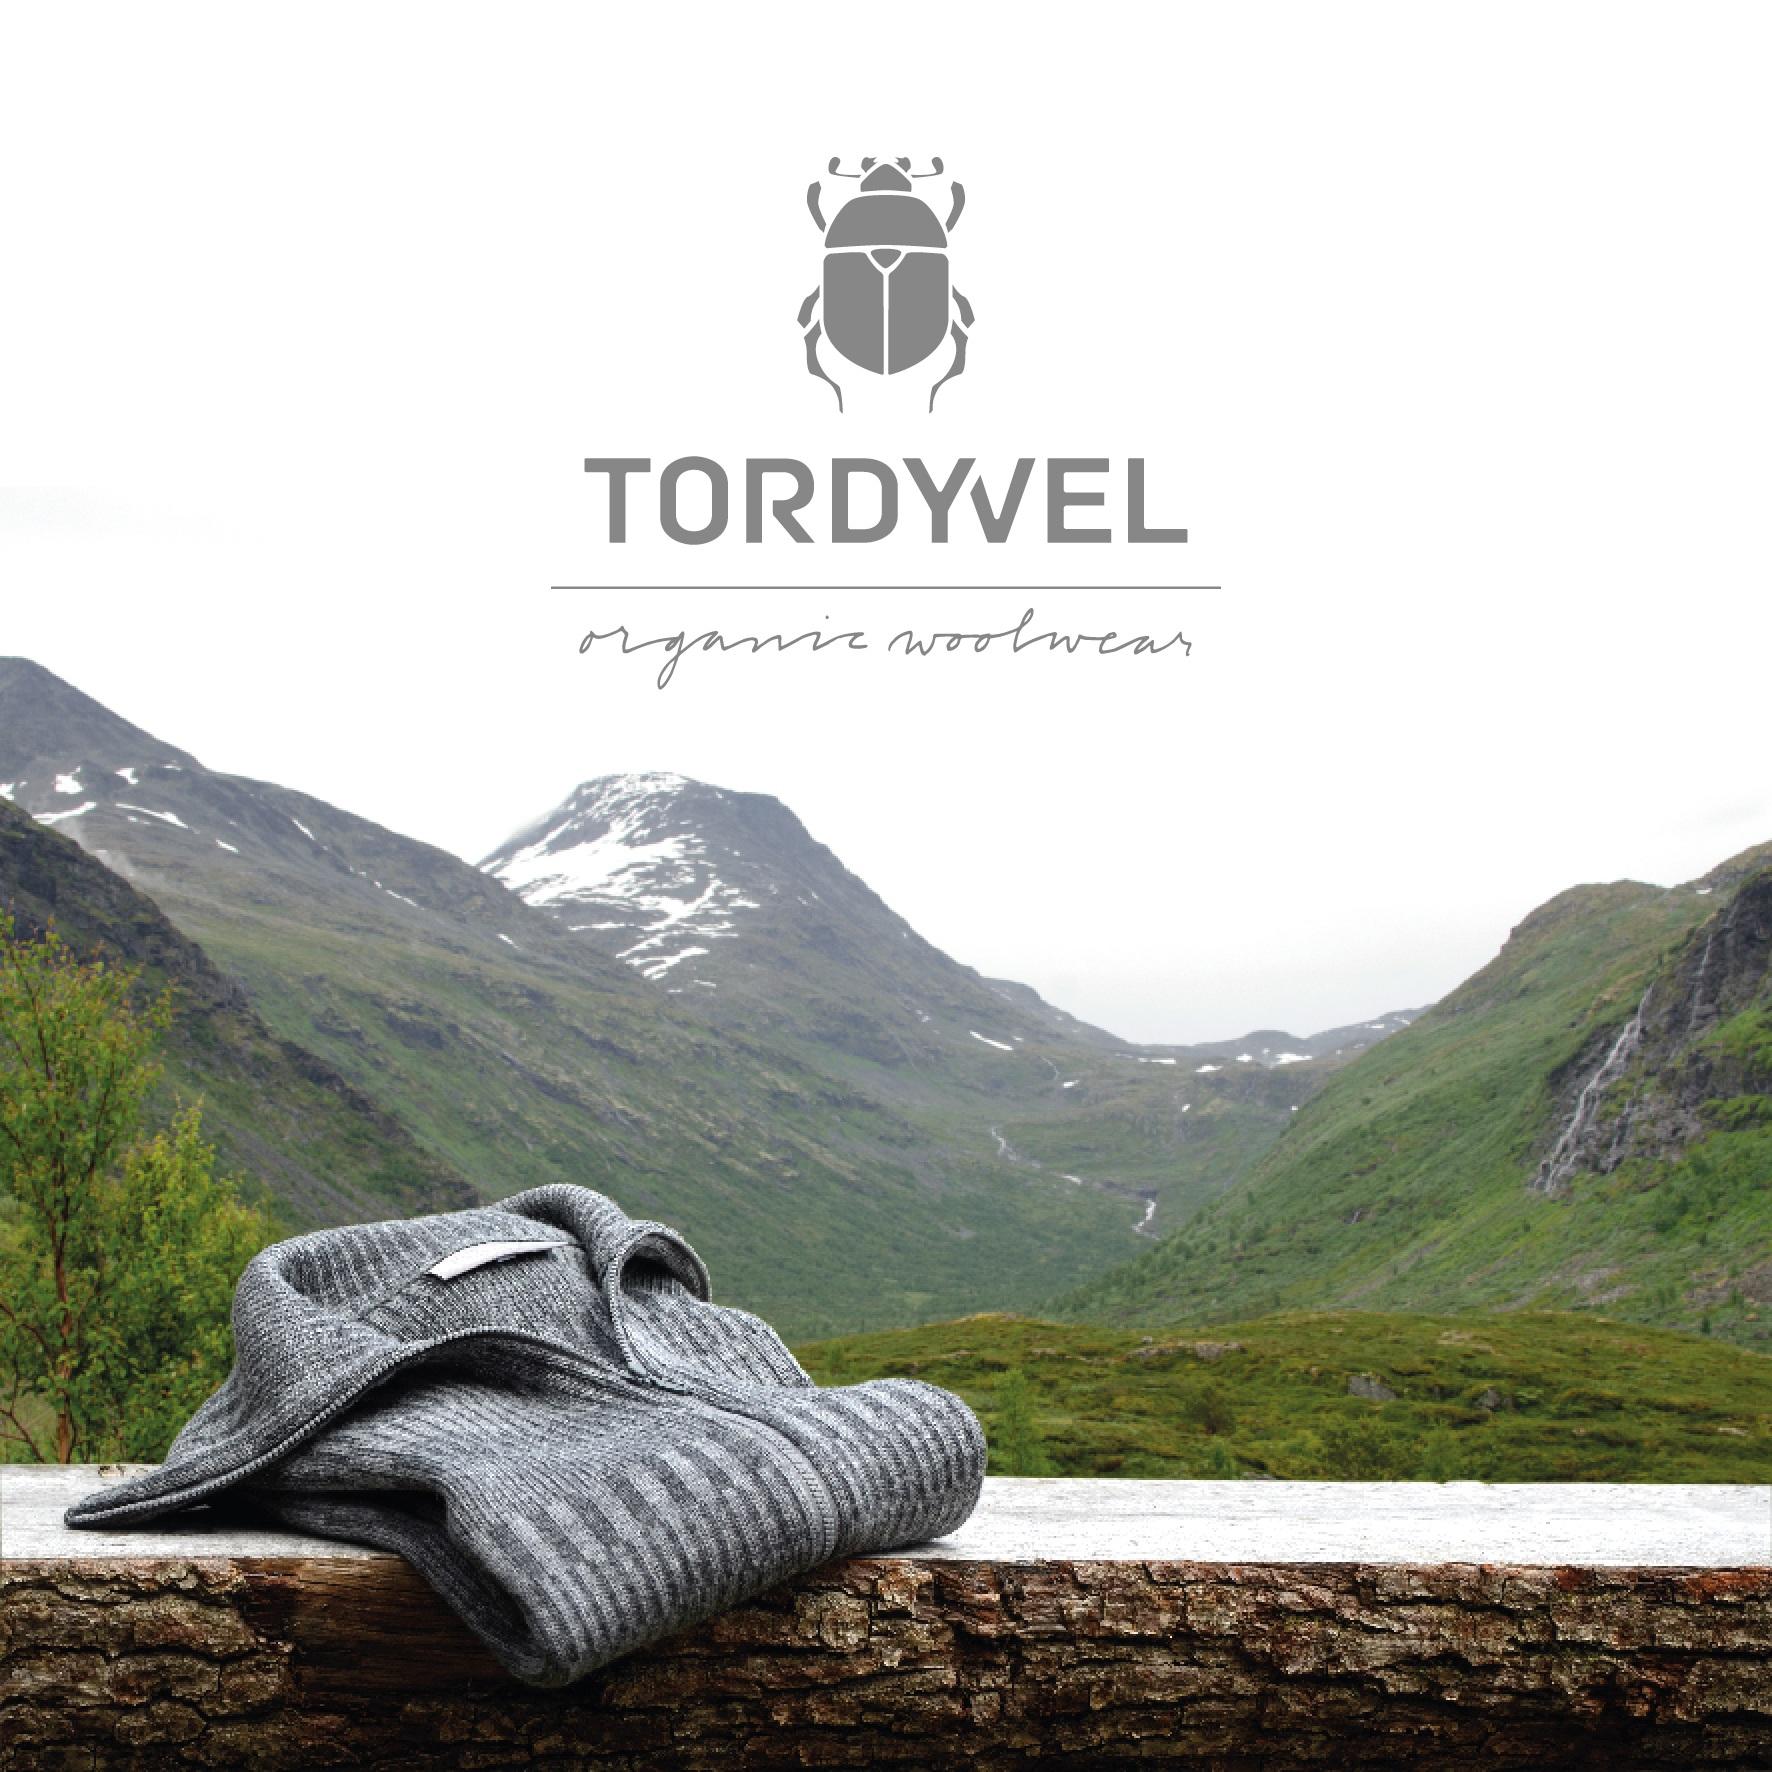 Tordyvel_woolwear-logga